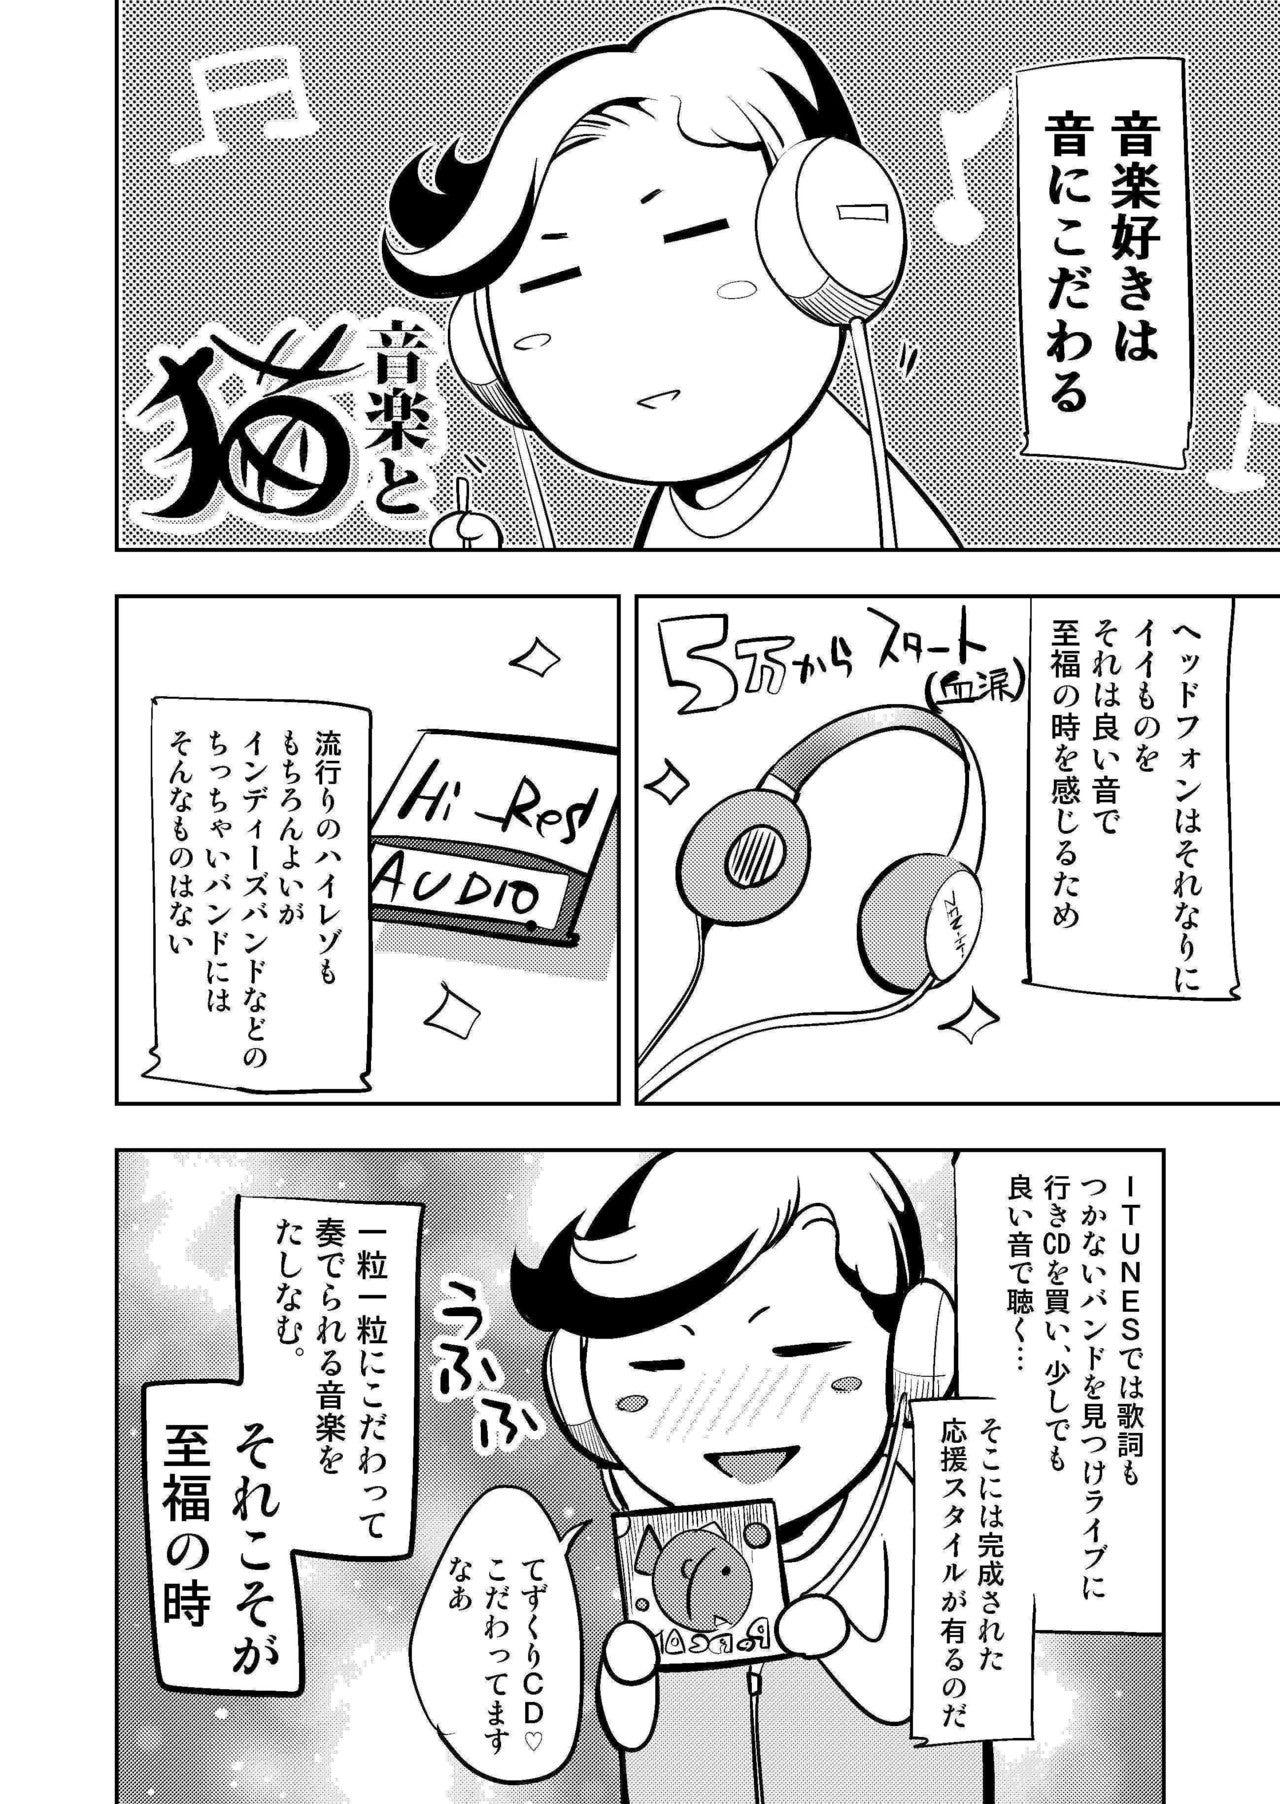 漫画_音楽と猫_004